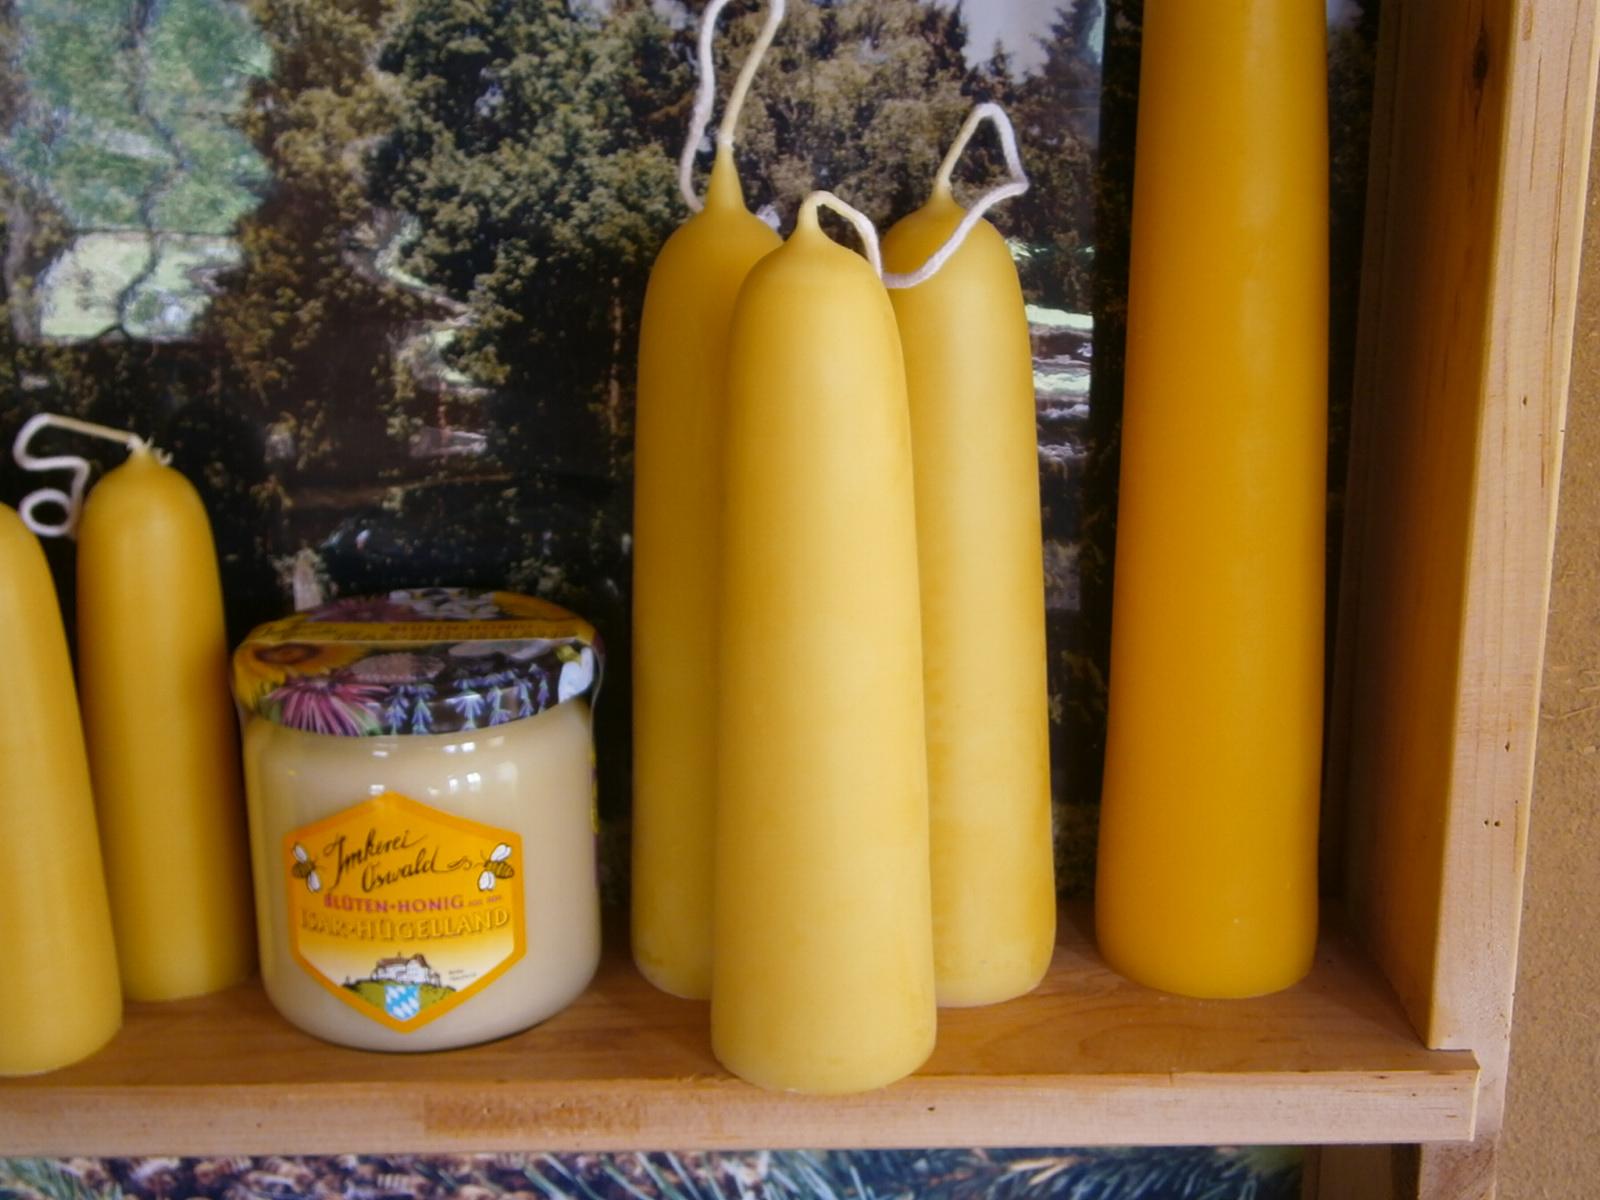 Kerzen aus Deutschem Bienenwachs: Mittelgroße Stumpenkerzen aus reinem Bienenwachs, handgezogen aus Deutschem Bienenwachs mit schöner wachsgelber Farbe ohne Aufheller oder Färbung, mit der natürlichen Farbe des Bienenwachses.